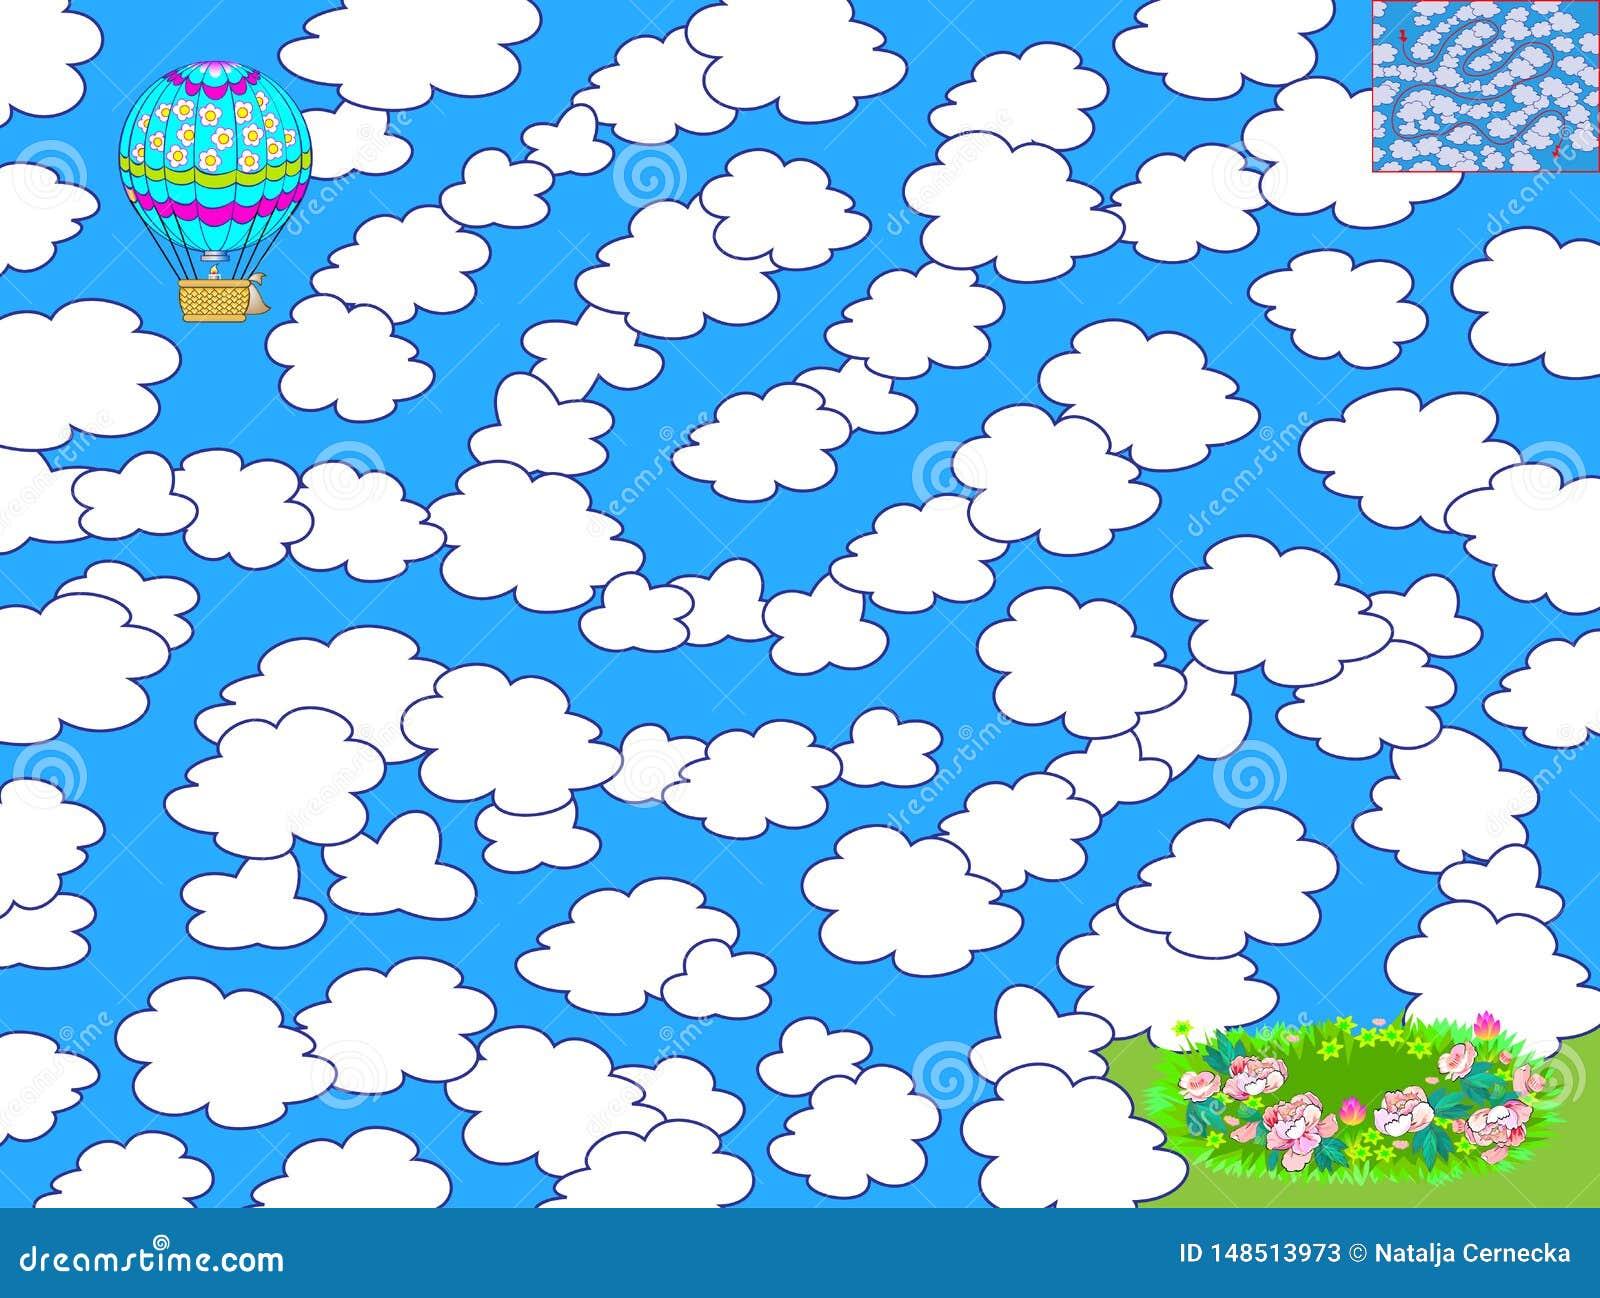 Logikr?tselspiel mit Labyrinth f?r Kinder Helfen Sie dem Luftballon, die Weise zu finden, zwischen die Wolken und das Land in der